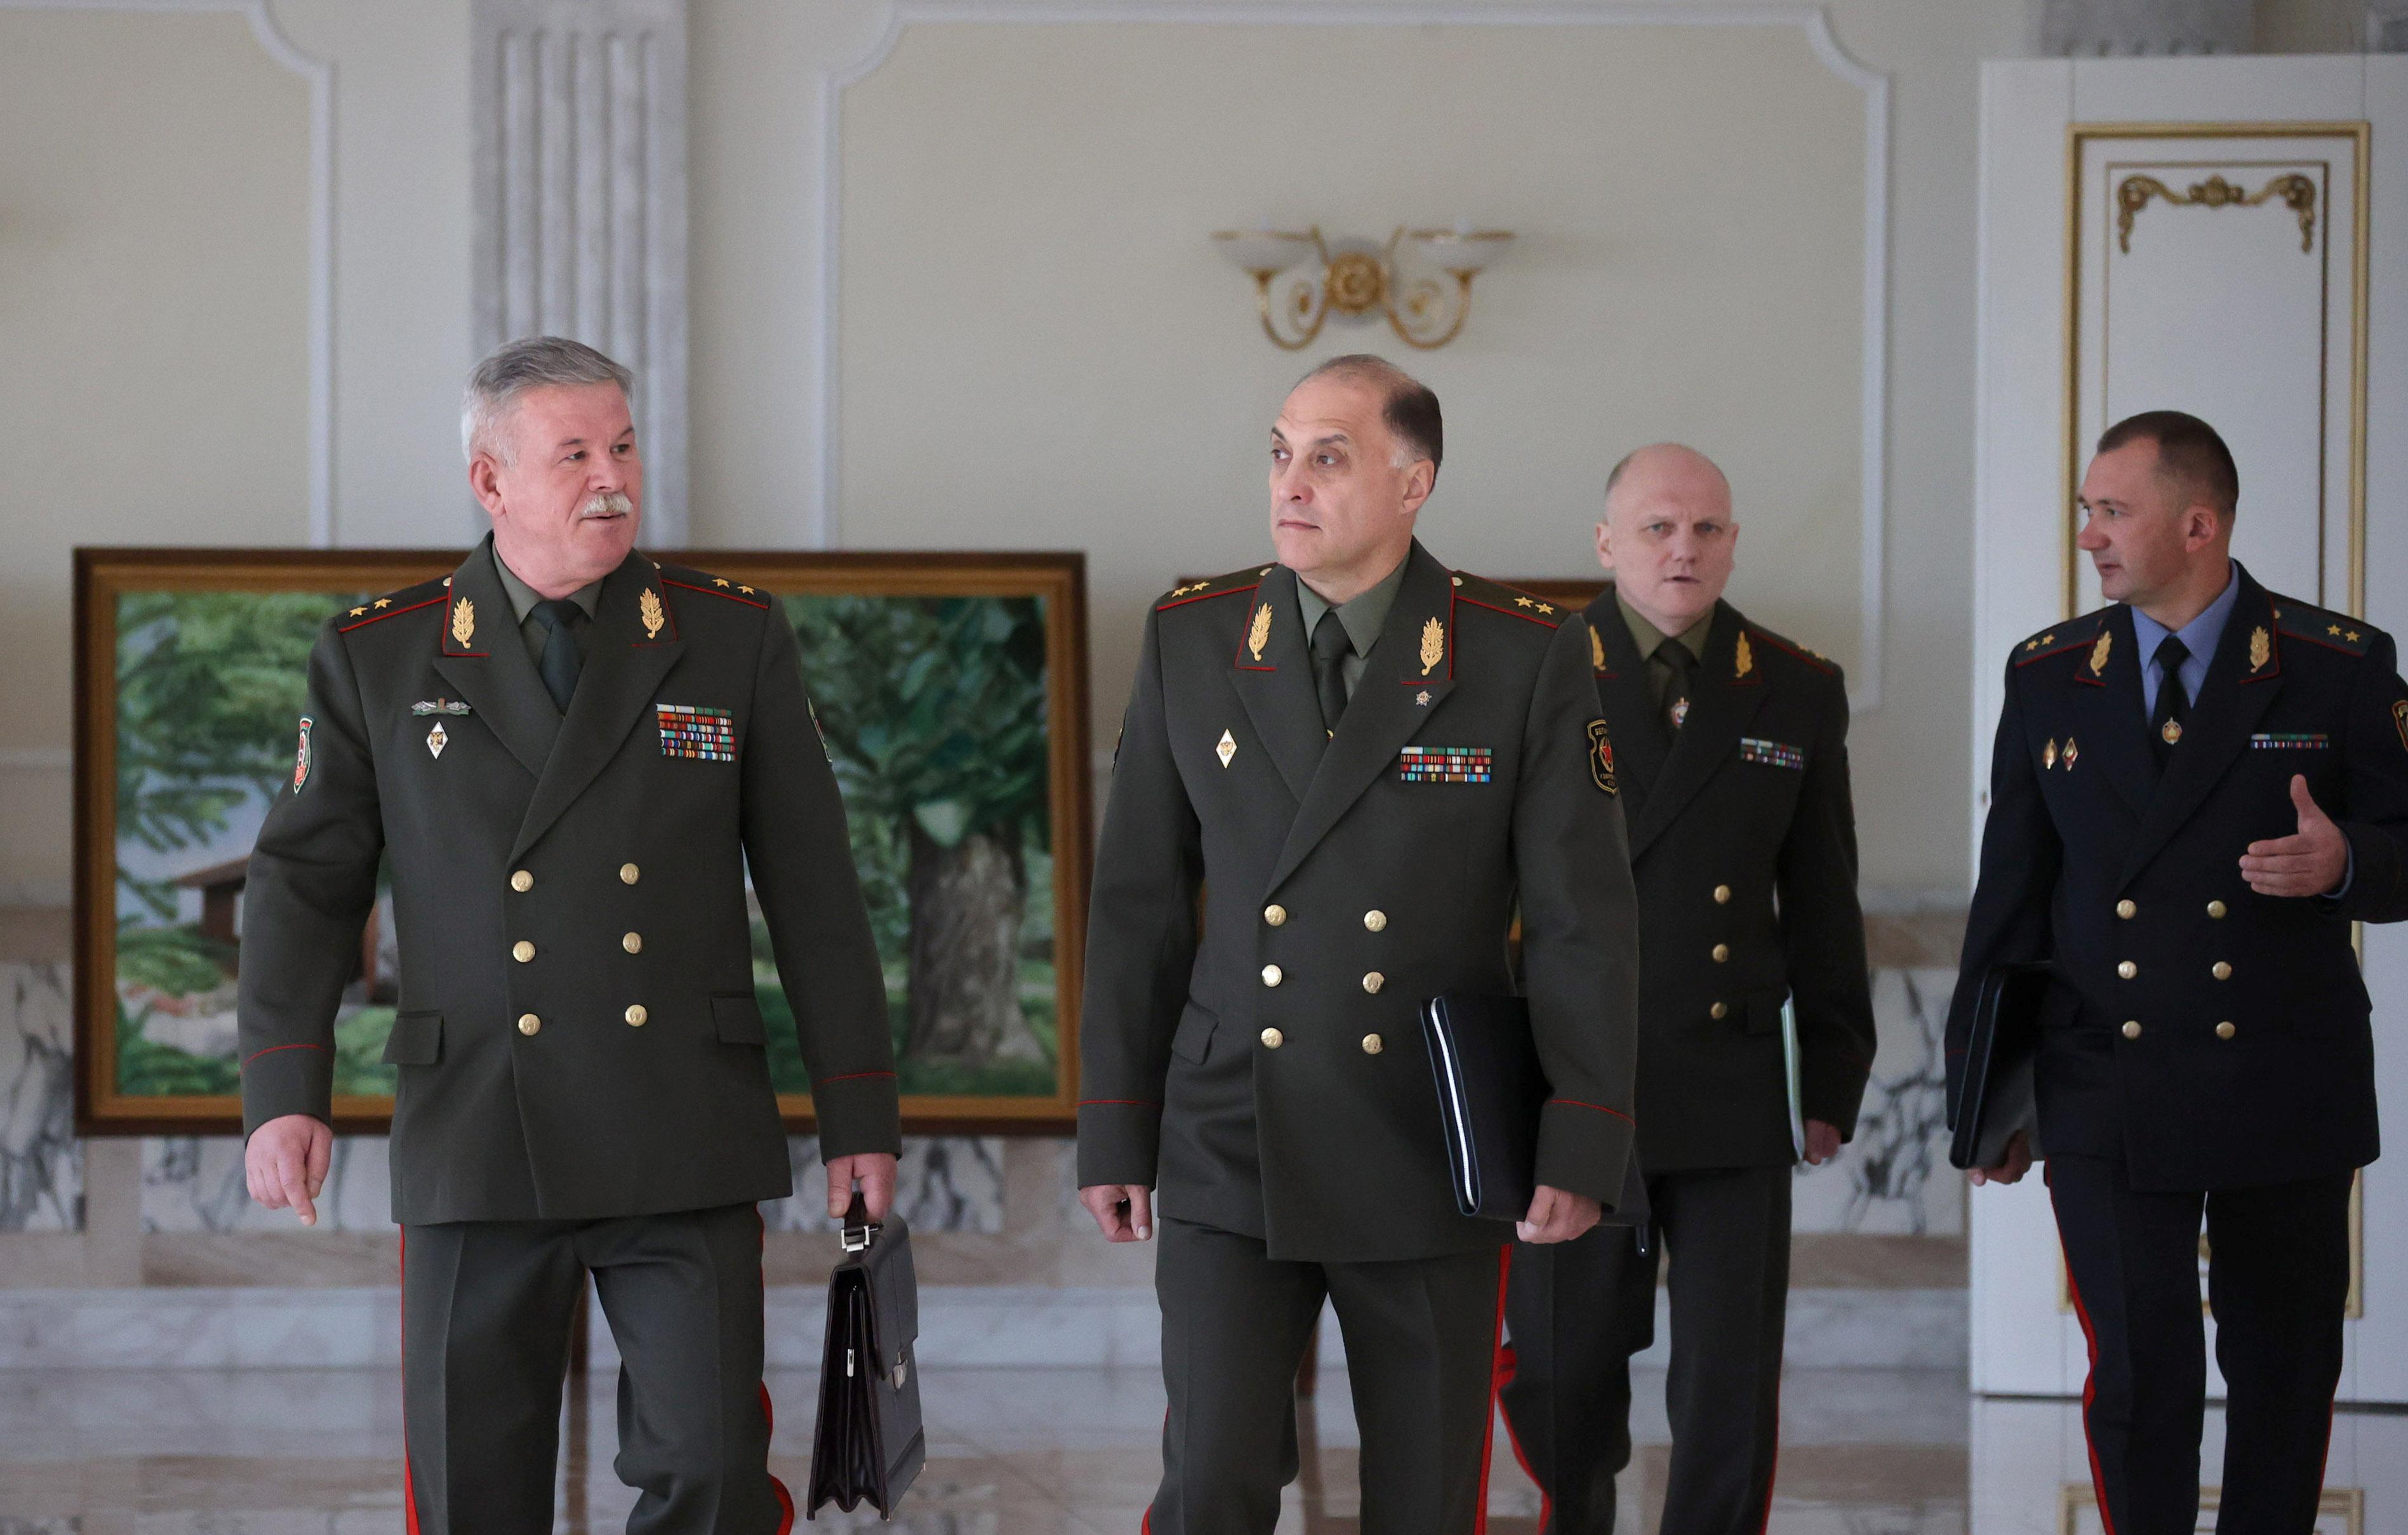 El jefe del Comité Estatal de Fronteras, Anatoly Lappo, el Secretario de Estado del Consejo de Seguridad de Bielorrusia, Alexander Volfovich, el Presidente del Comité de Seguridad del Estado, Ivan Tertel, y el Ministro del Interior de Bielorrusia, Ivan Kubrakov, camina para reunirse con el presidente bielorruso Alexander Lukashenko en Minsk, Bielorrusia Septiembre 27 de febrero de 2021. Maxim Guchek / BelTA